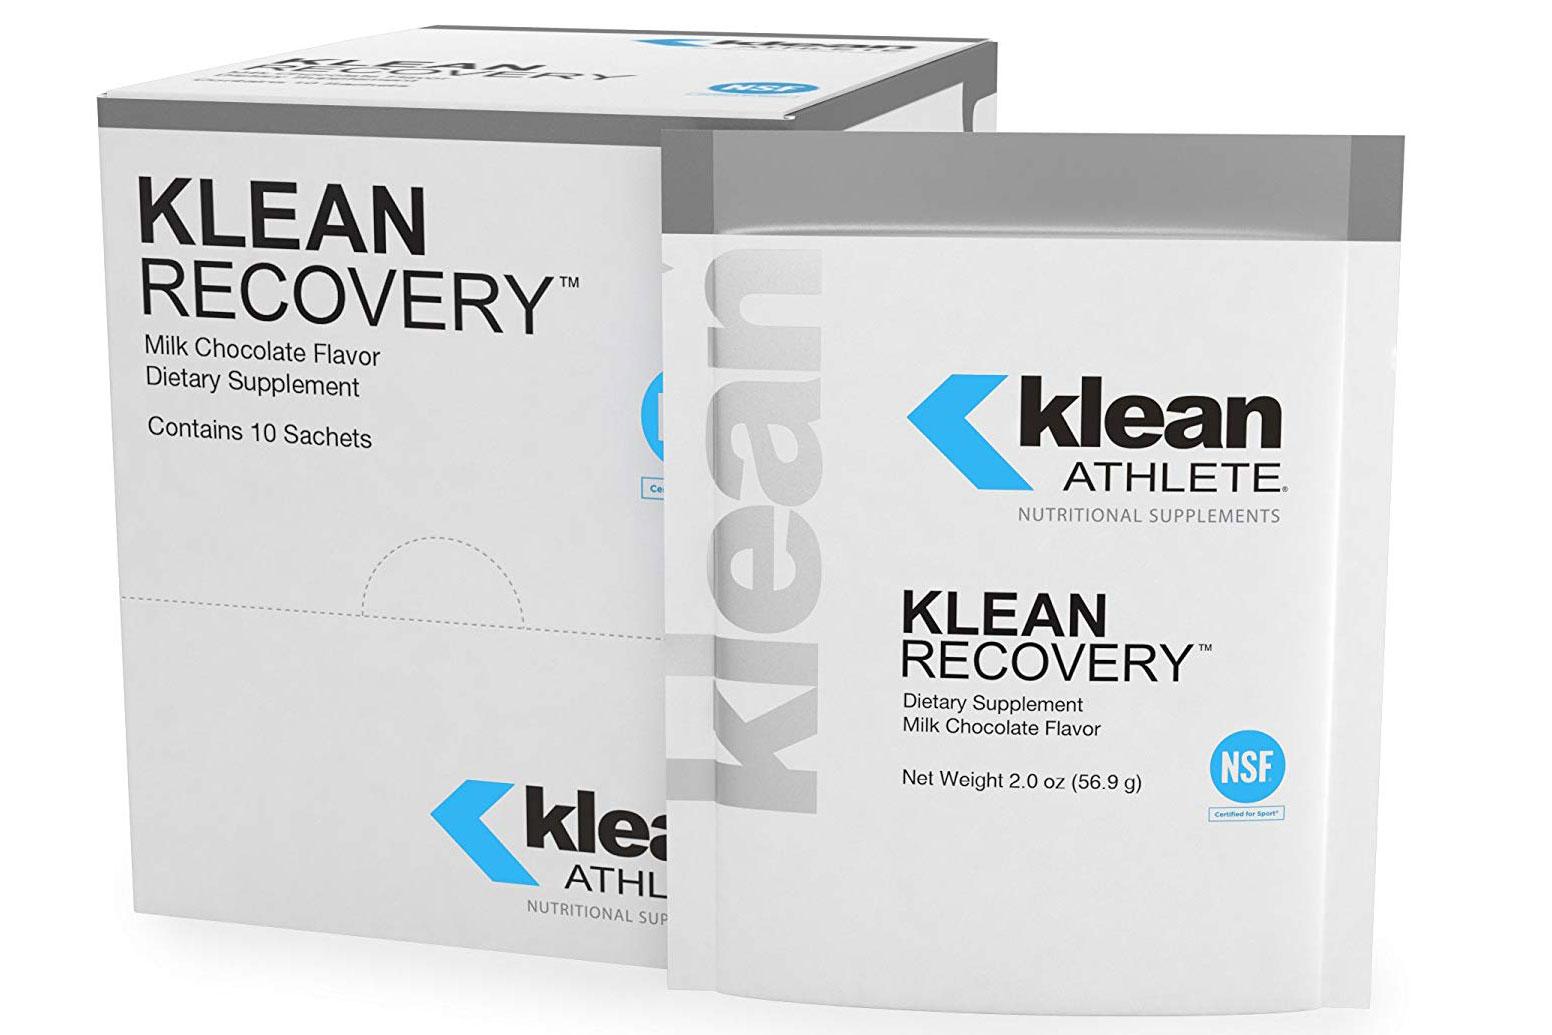 Klean Athlete protein